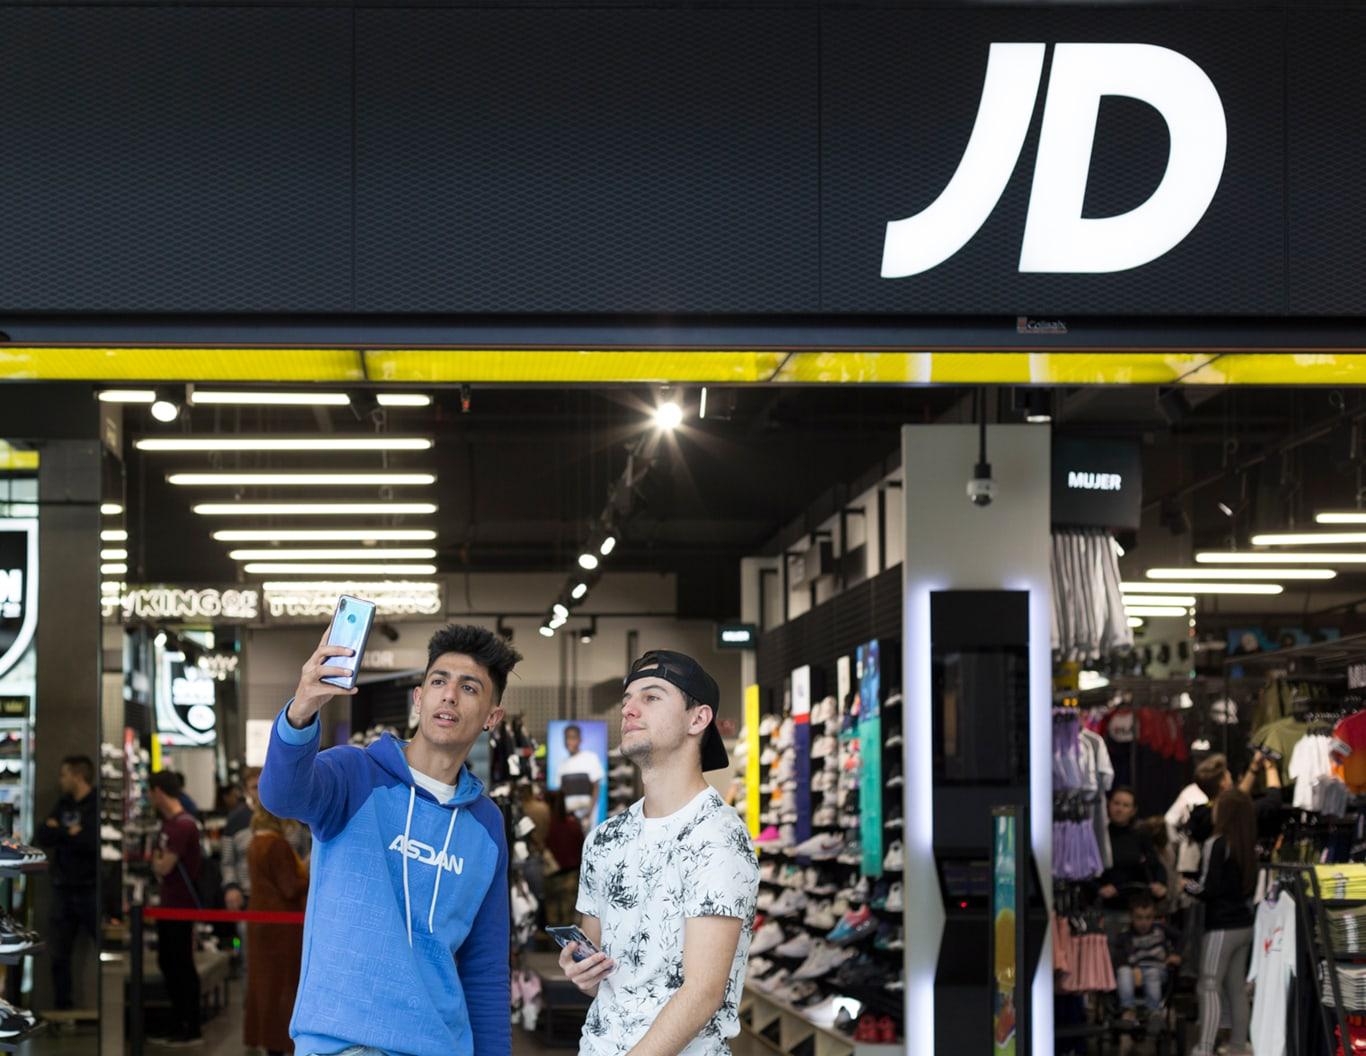 Tirpa y Hander haciéndose un selfie en JD Sports